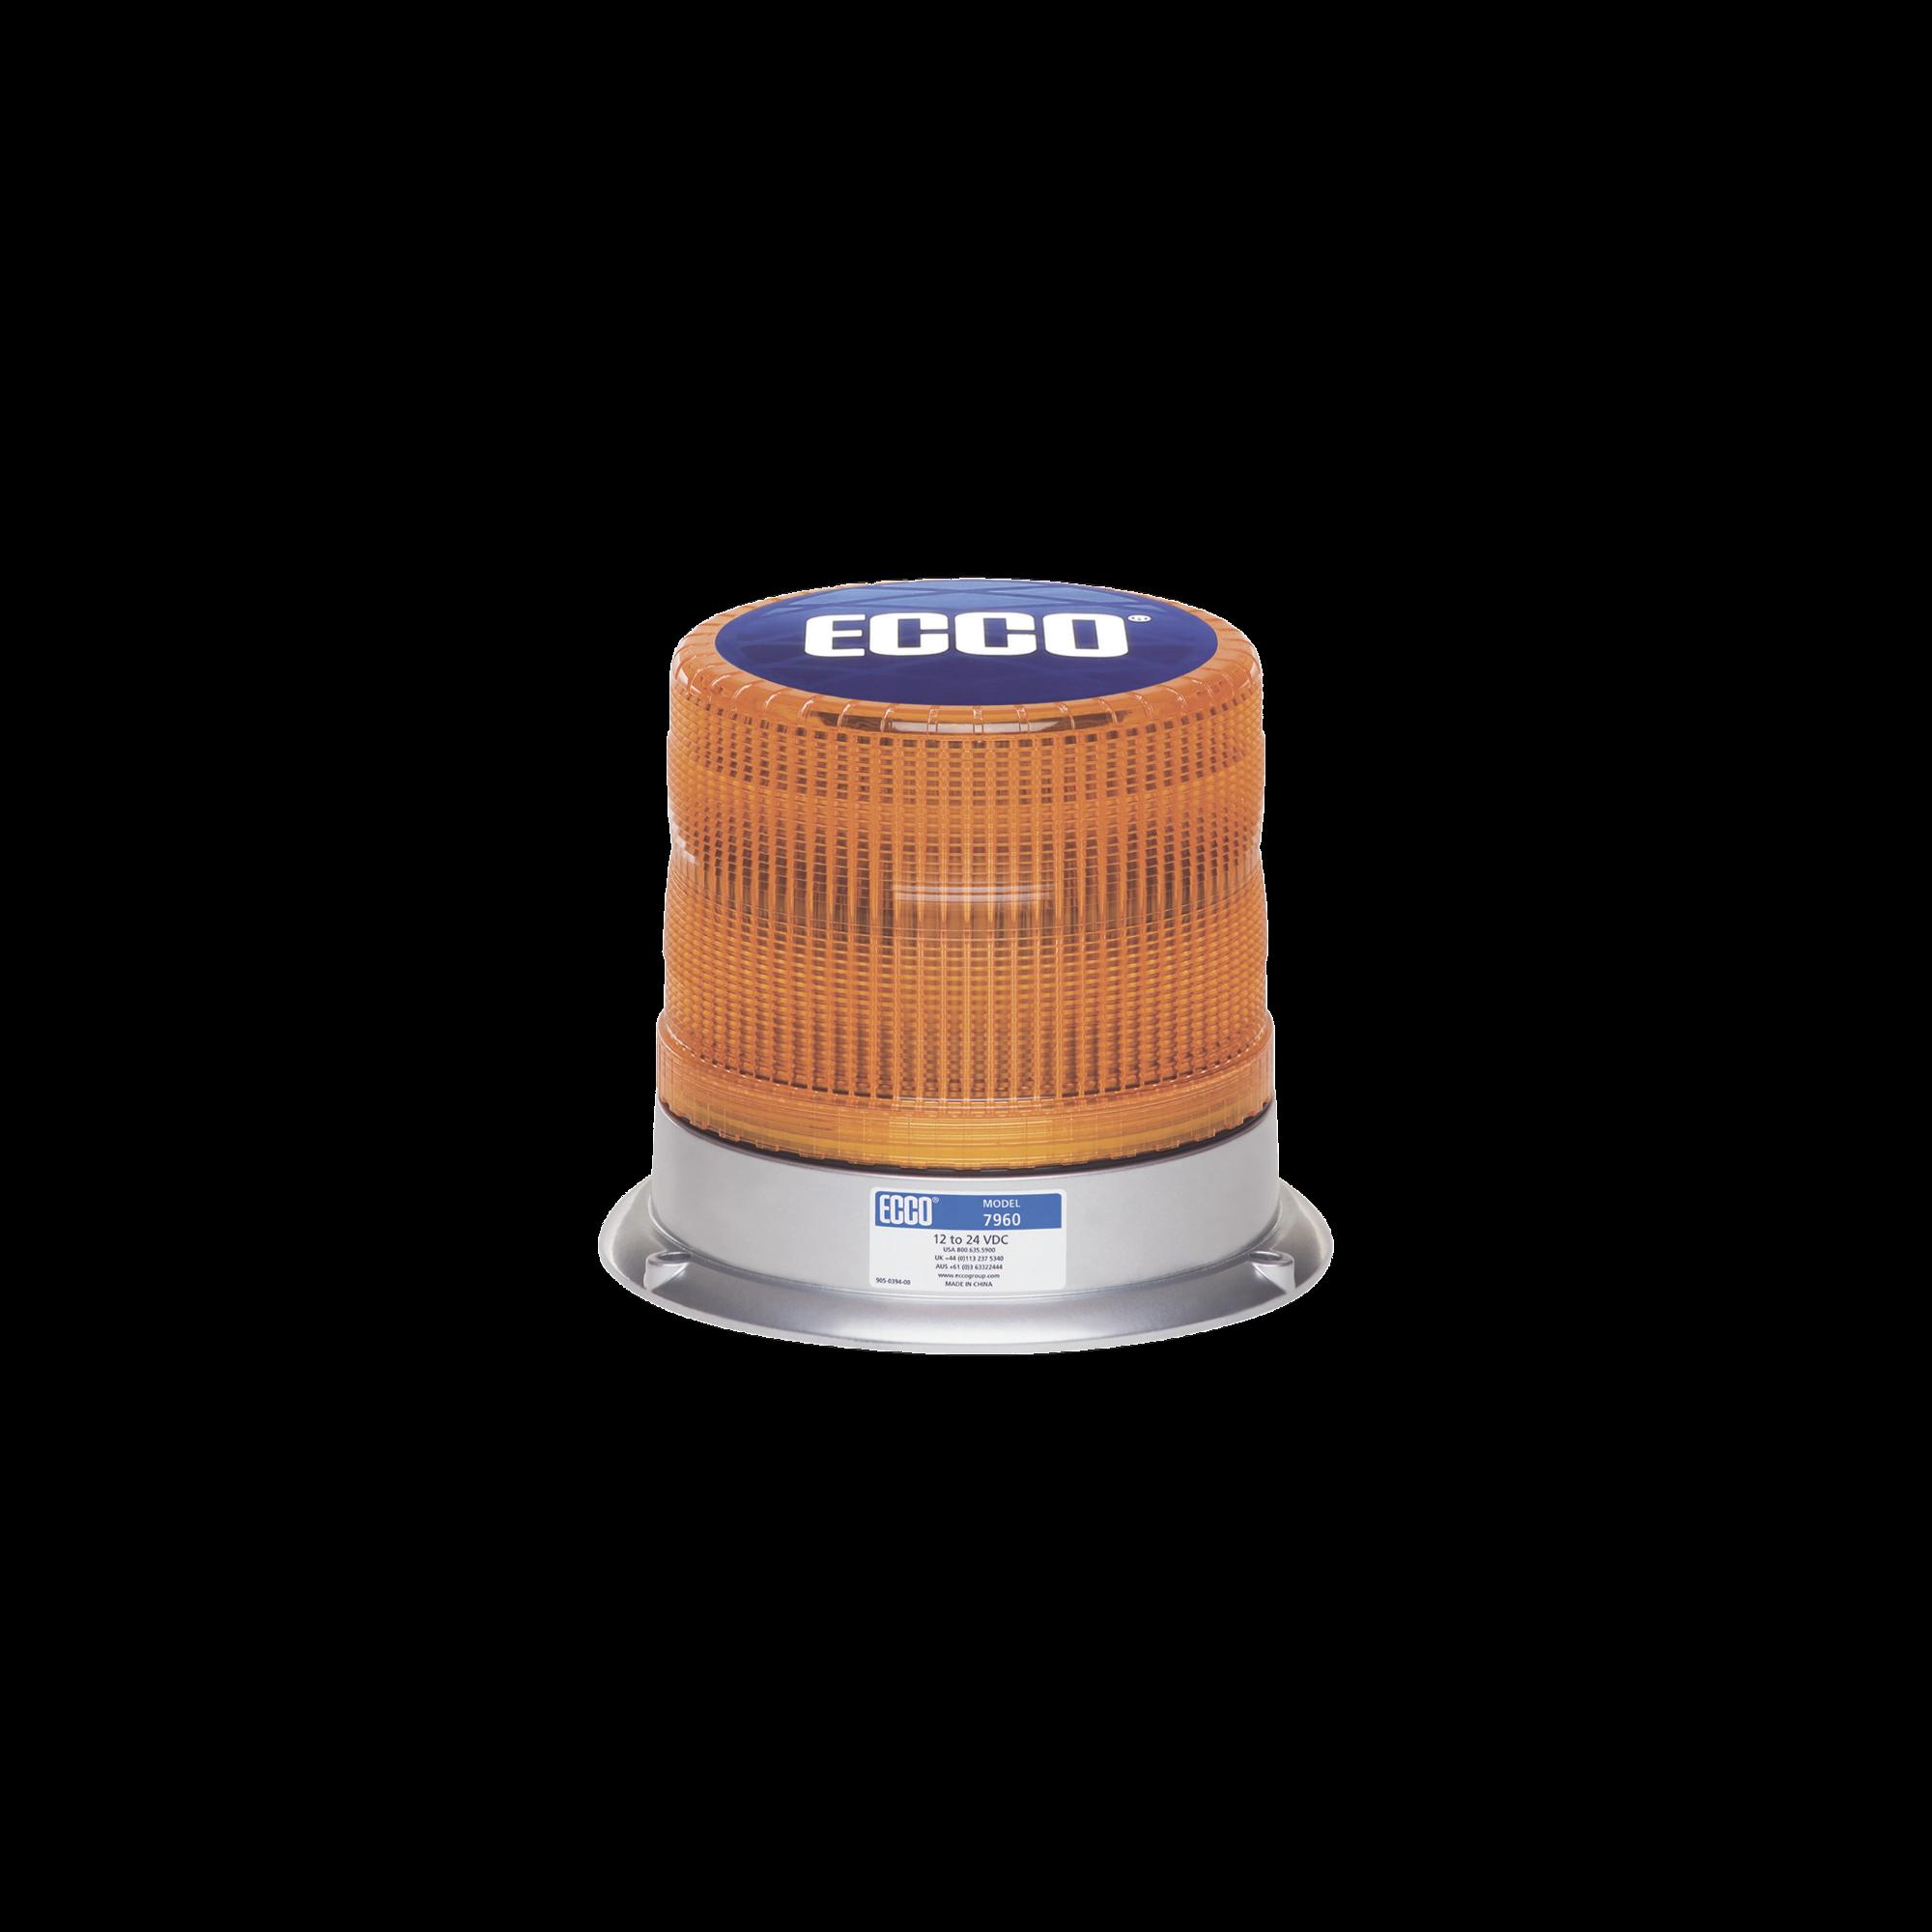 Baliza LED Pulse? serie 7960 SAE Clase I color ambar